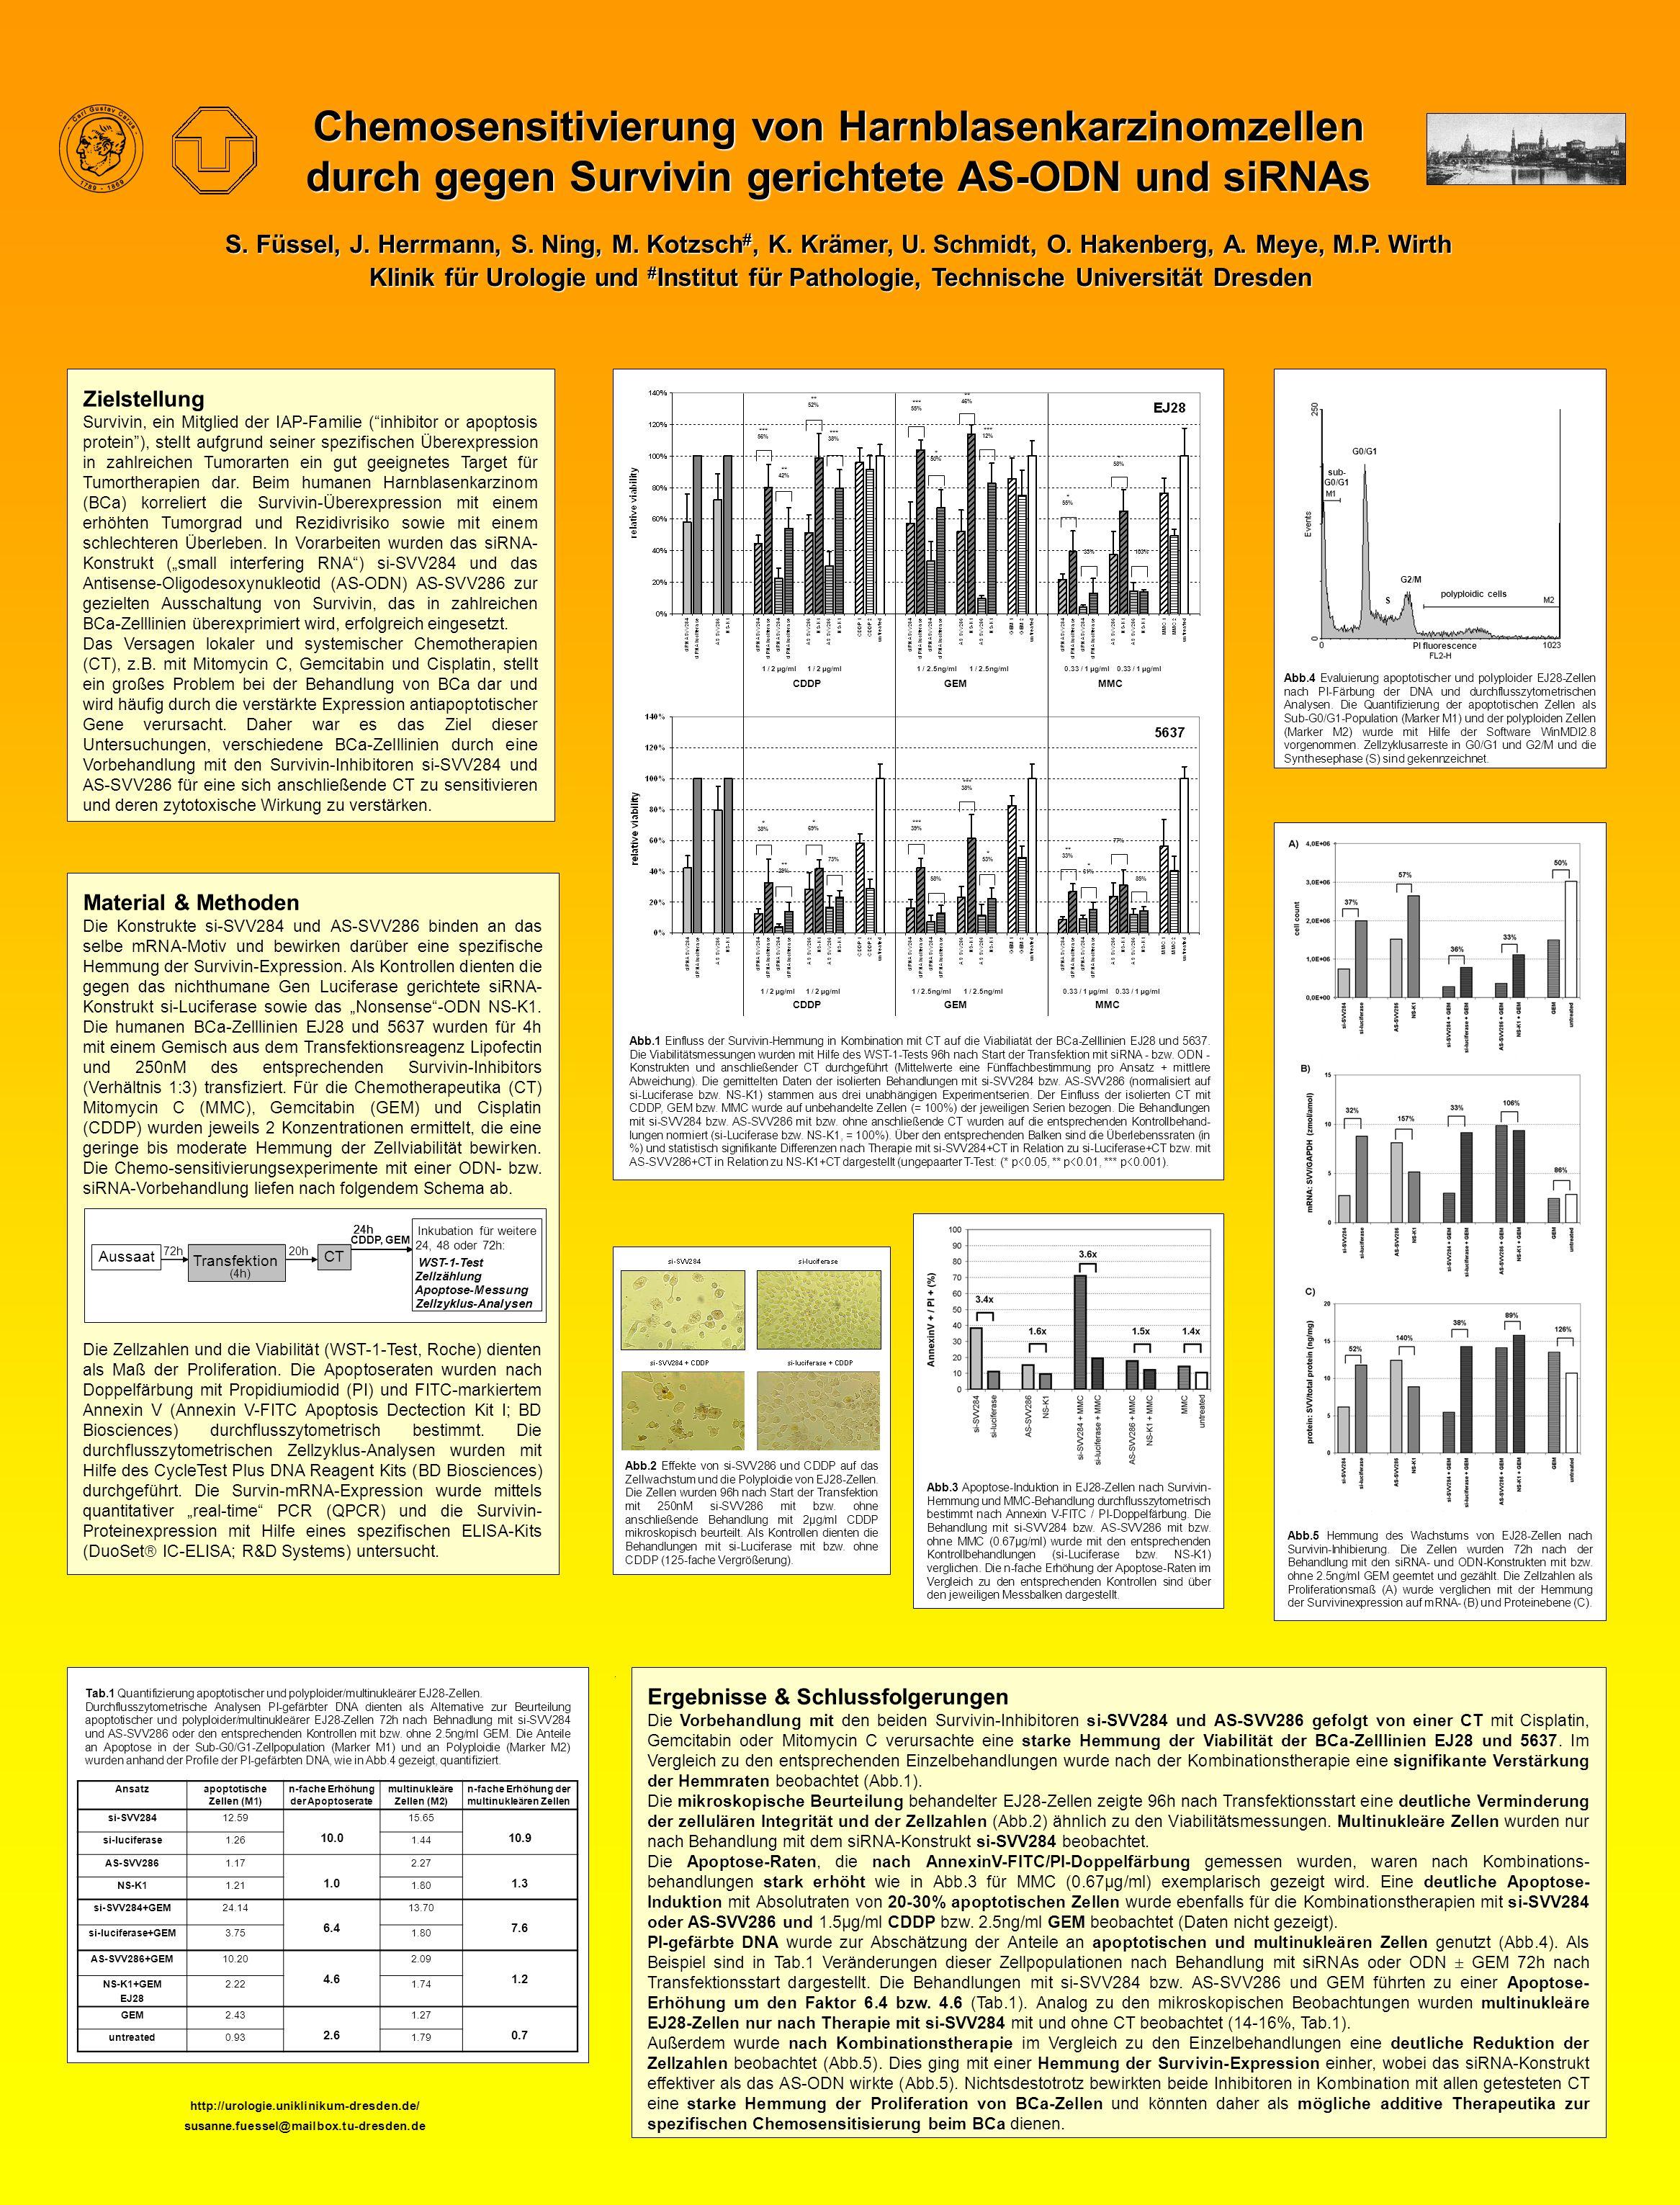 http://urologie.uniklinikum-dresden.de/ susanne.fuessel@mailbox.tu-dresden.de Tab.1 Quantifizierung apoptotischer und polyploider/multinukleärer EJ28-Zellen.